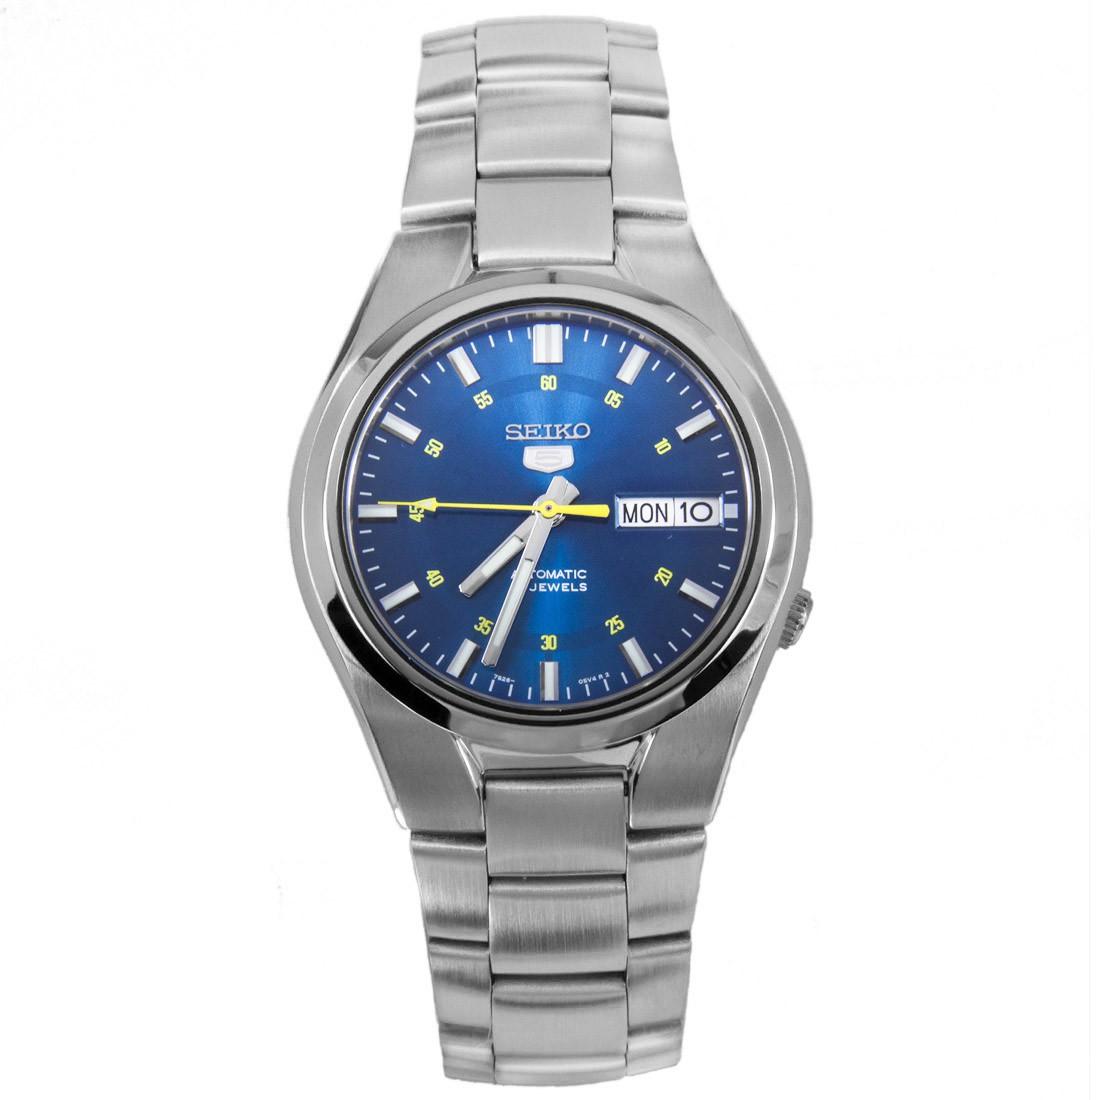 Reloj Seiko 5 autómatico hombre SNK615K1 RELOJES SEIKO Ofertas 578a69b5ba38